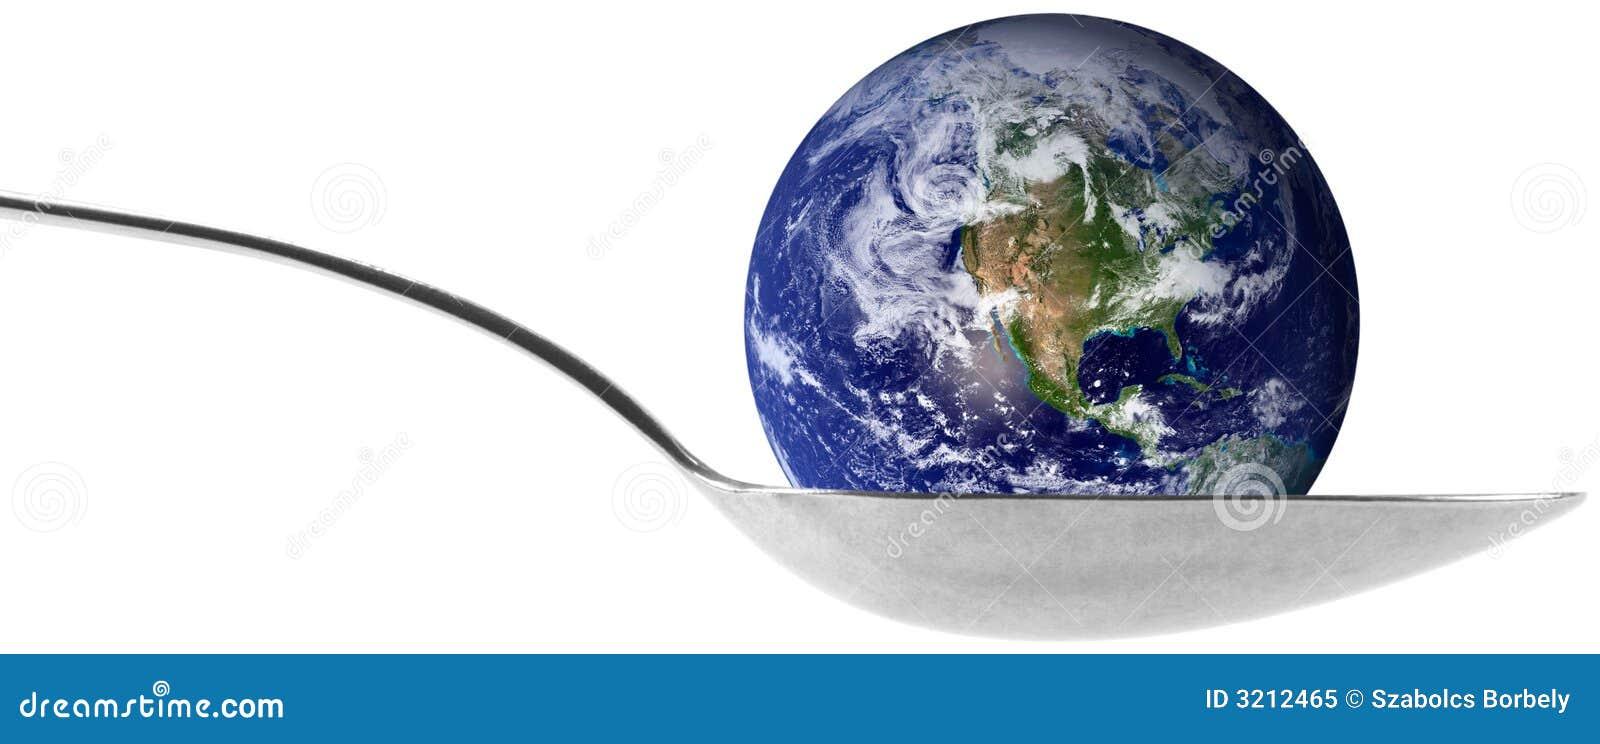 Globo de la tierra en una cuchara